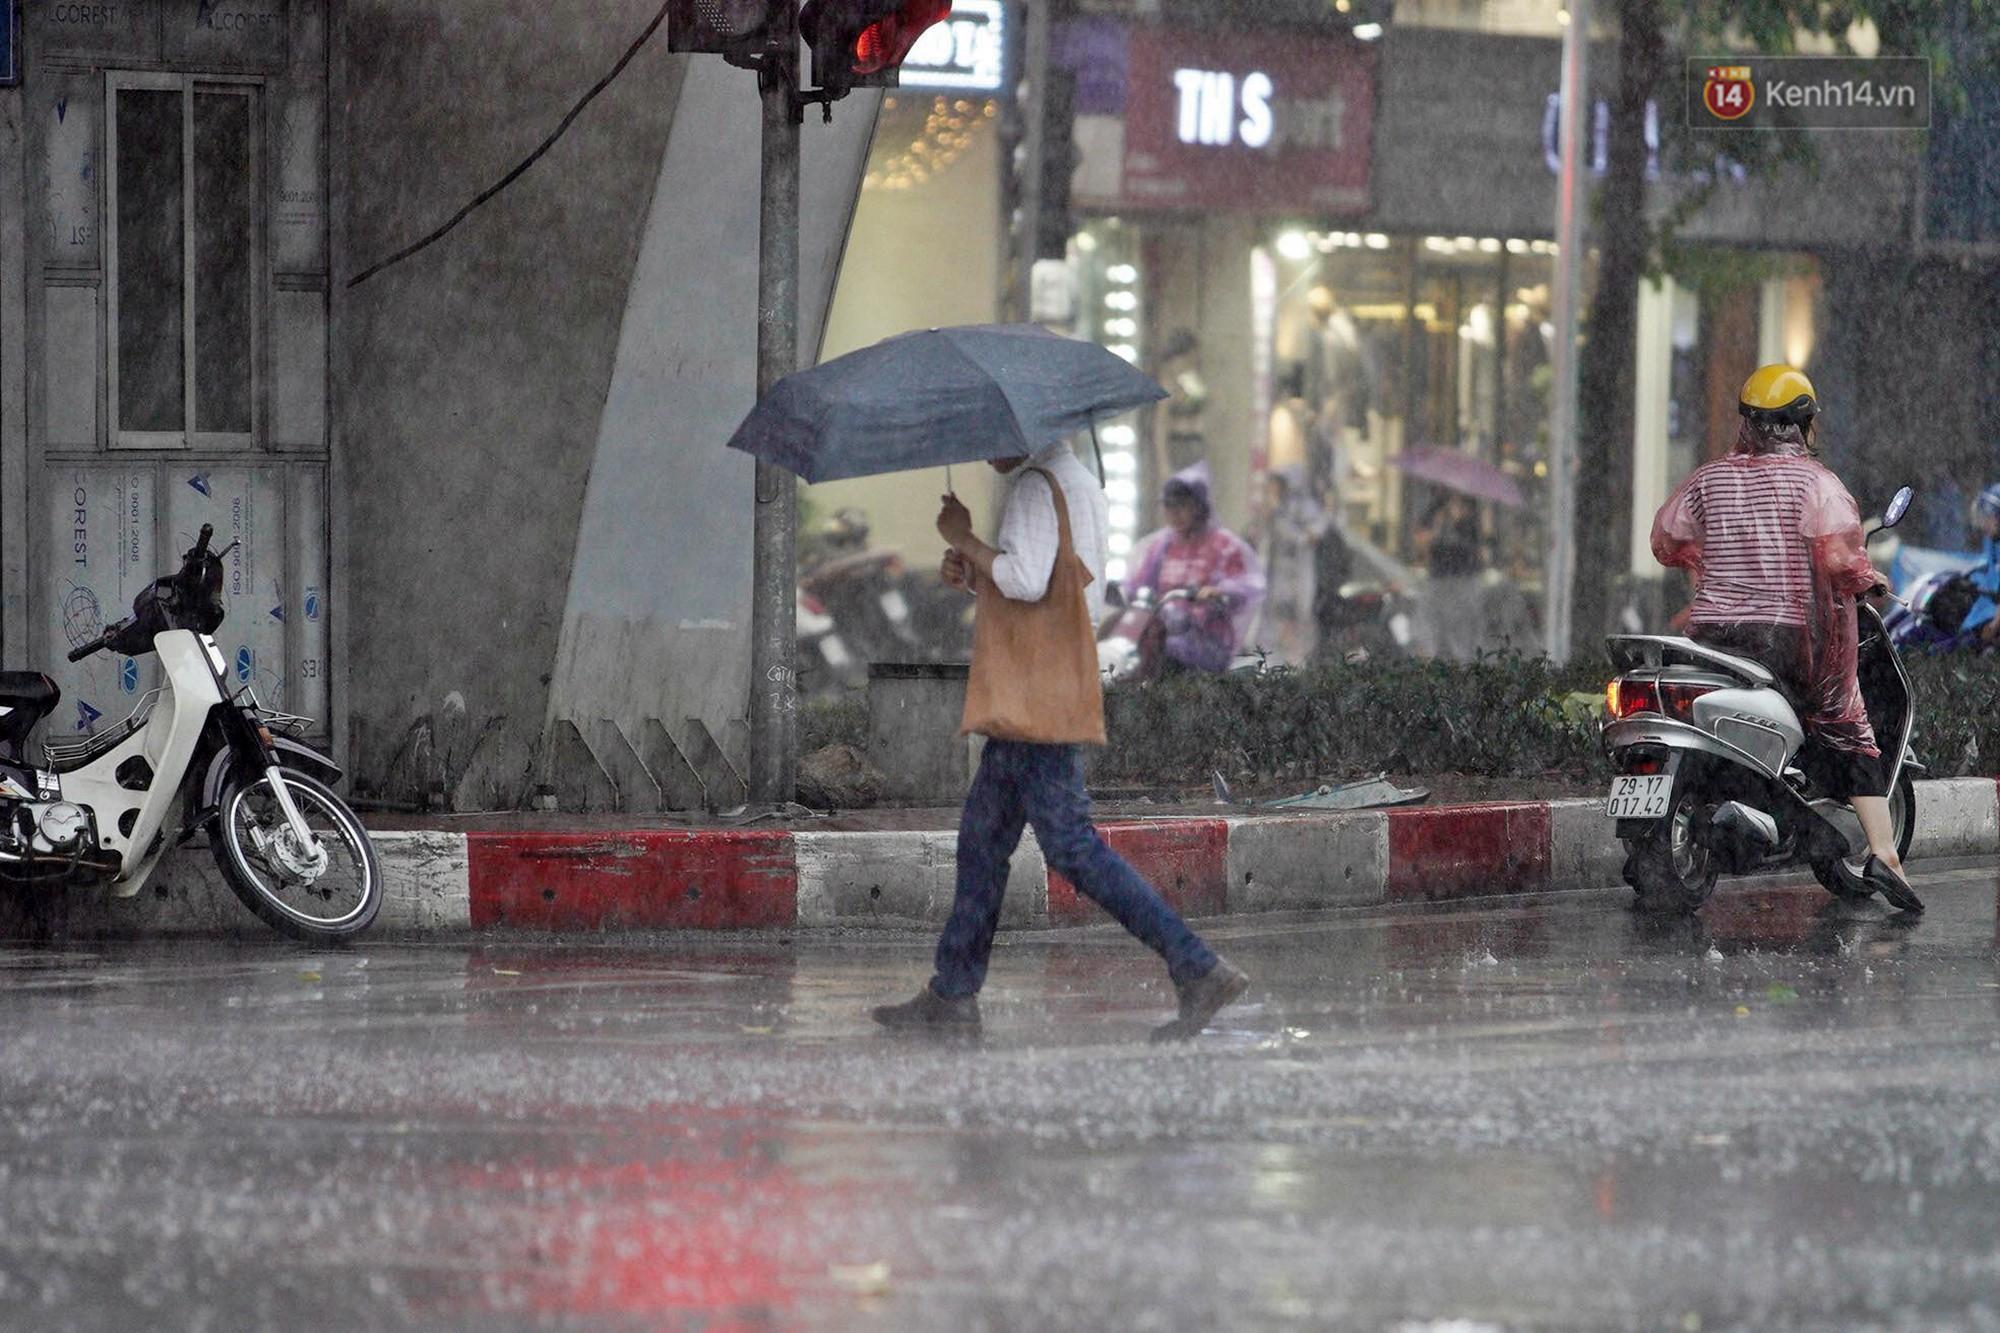 Ảnh hưởng bão số 2 khiến Hà Nội mưa trắng xoá, gió quật nghiêng người-22